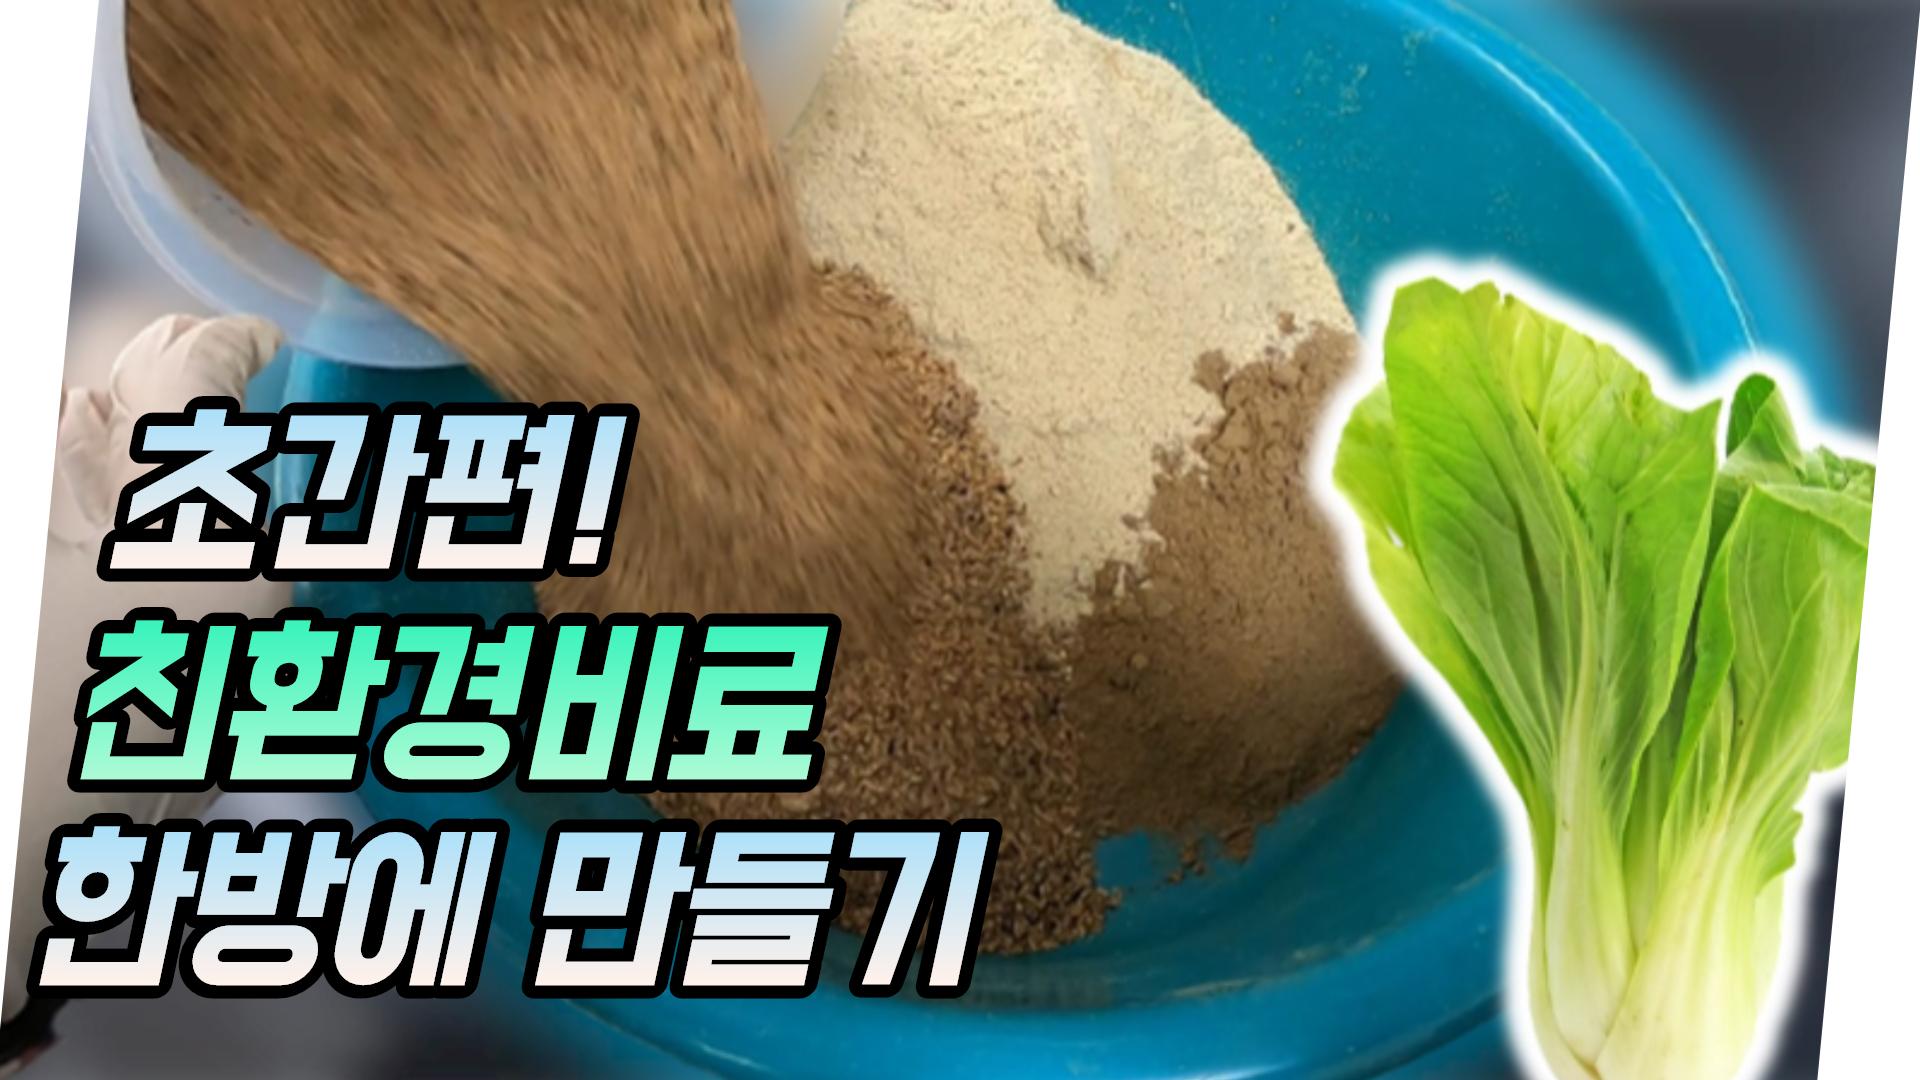 (with 귀농의신) 초간편 친환경비료 한방에 만들기